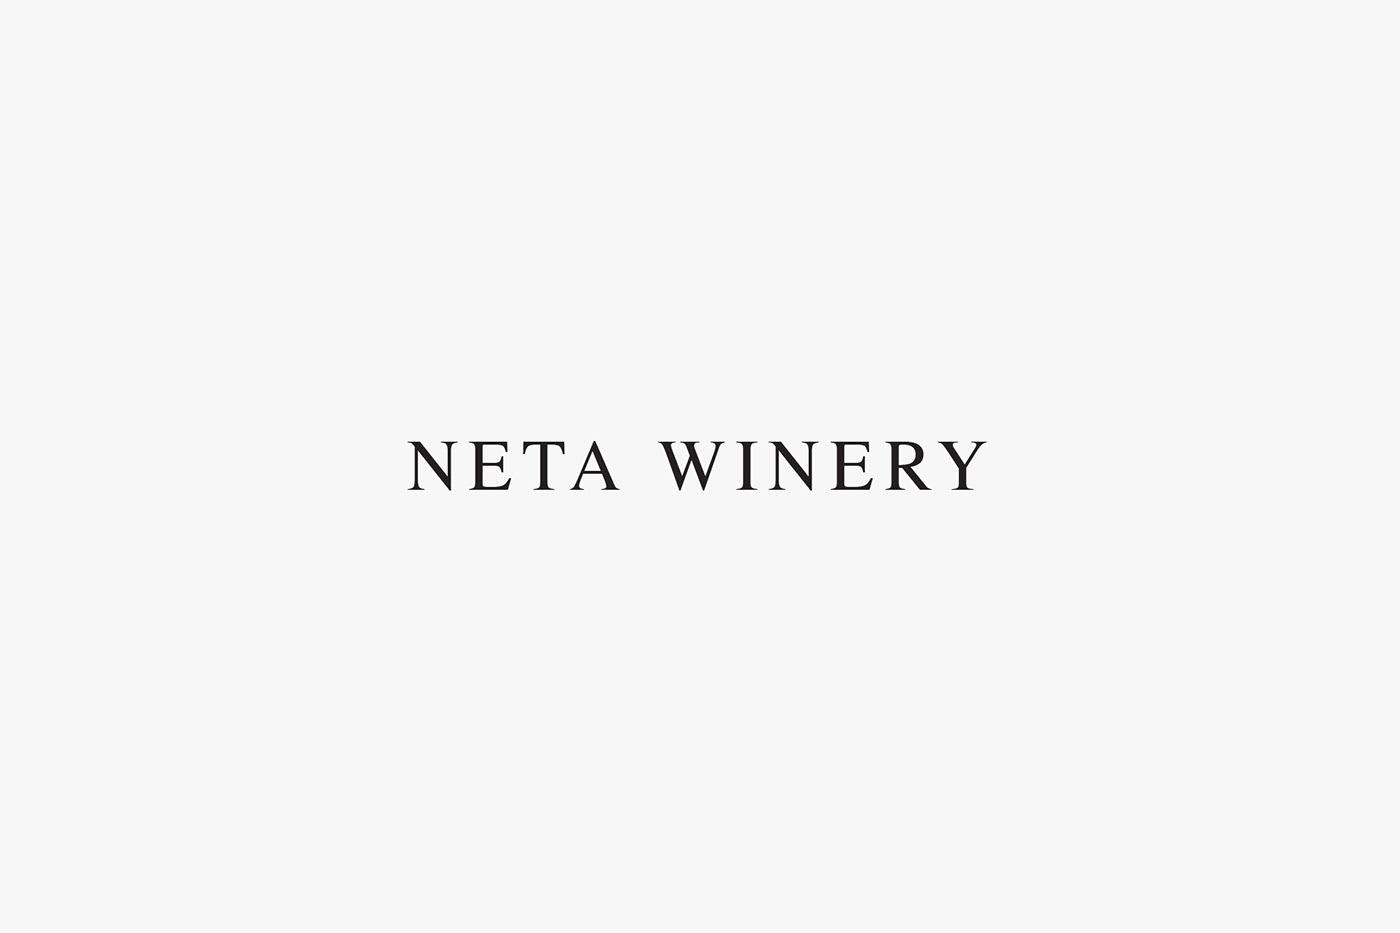 NETA WINERY: DESIGN BY DOV KROLL